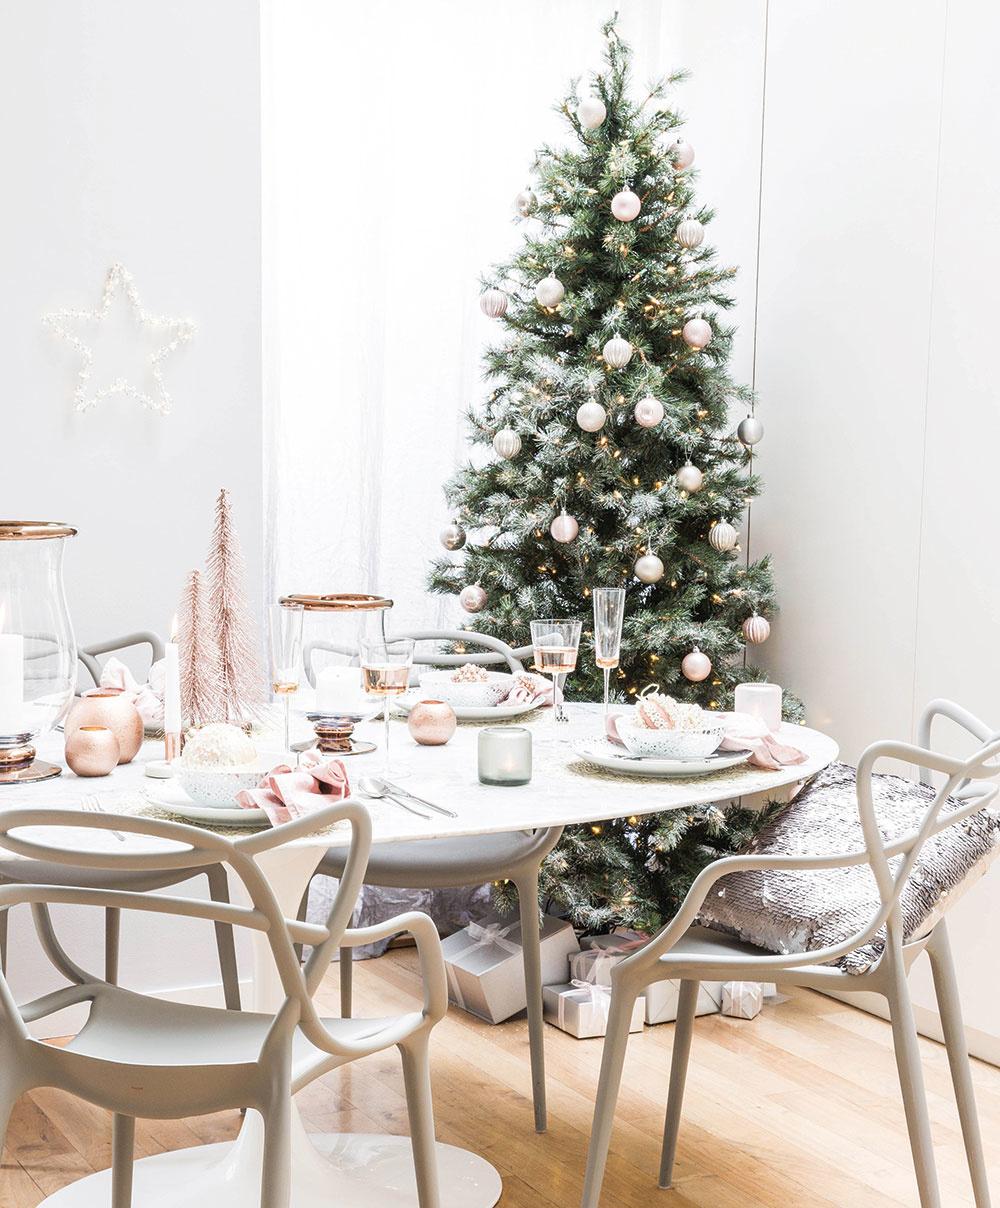 Púdrová ružová je farbou týchto Vianoc, ktorá dokonale vynikne na tmavozelenom stromčeku. Možno ju ladiť sbielou, striebornou alebo prírodnými odtieňmi. Vianočné gule adekorácie predáva www.amara.com.